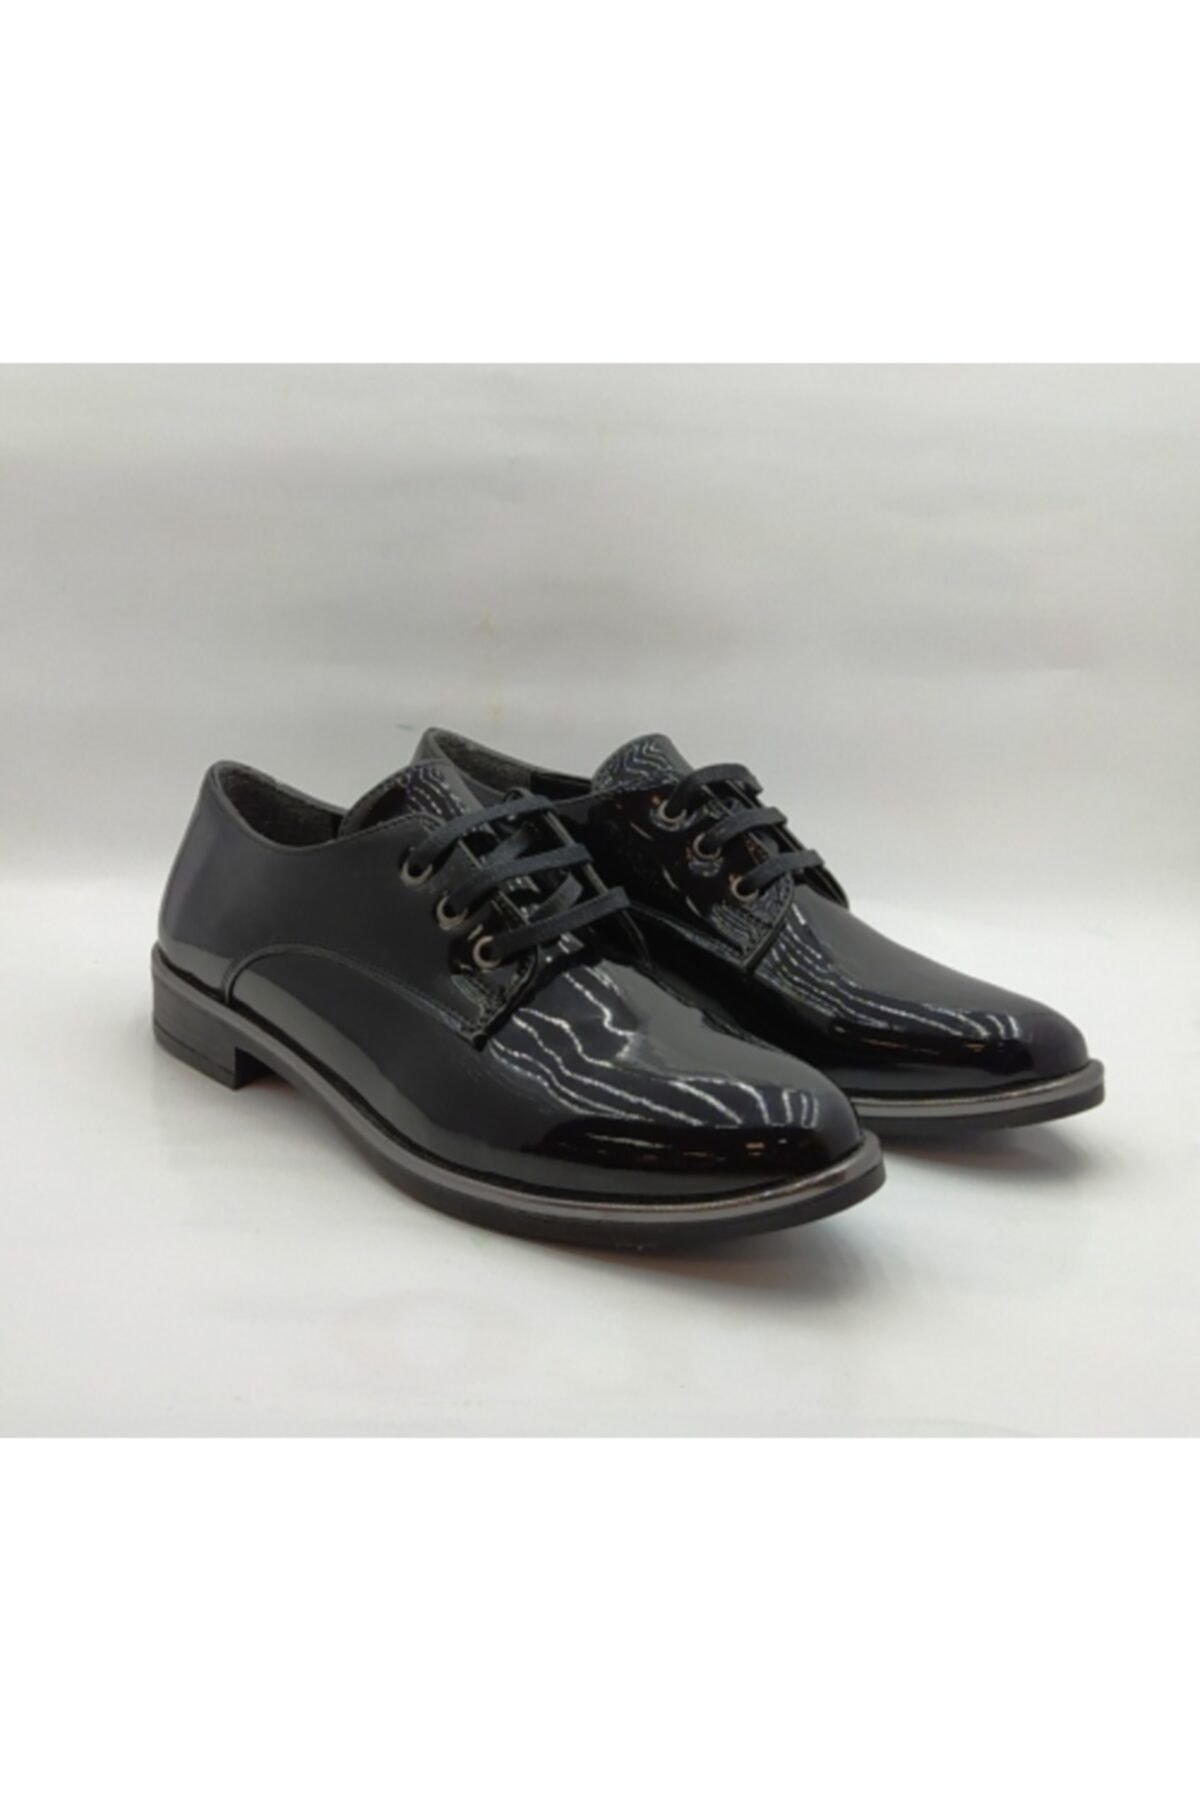 MKN Siyah Rugan Bağcıklı Kadın Klasik Ayakkabı